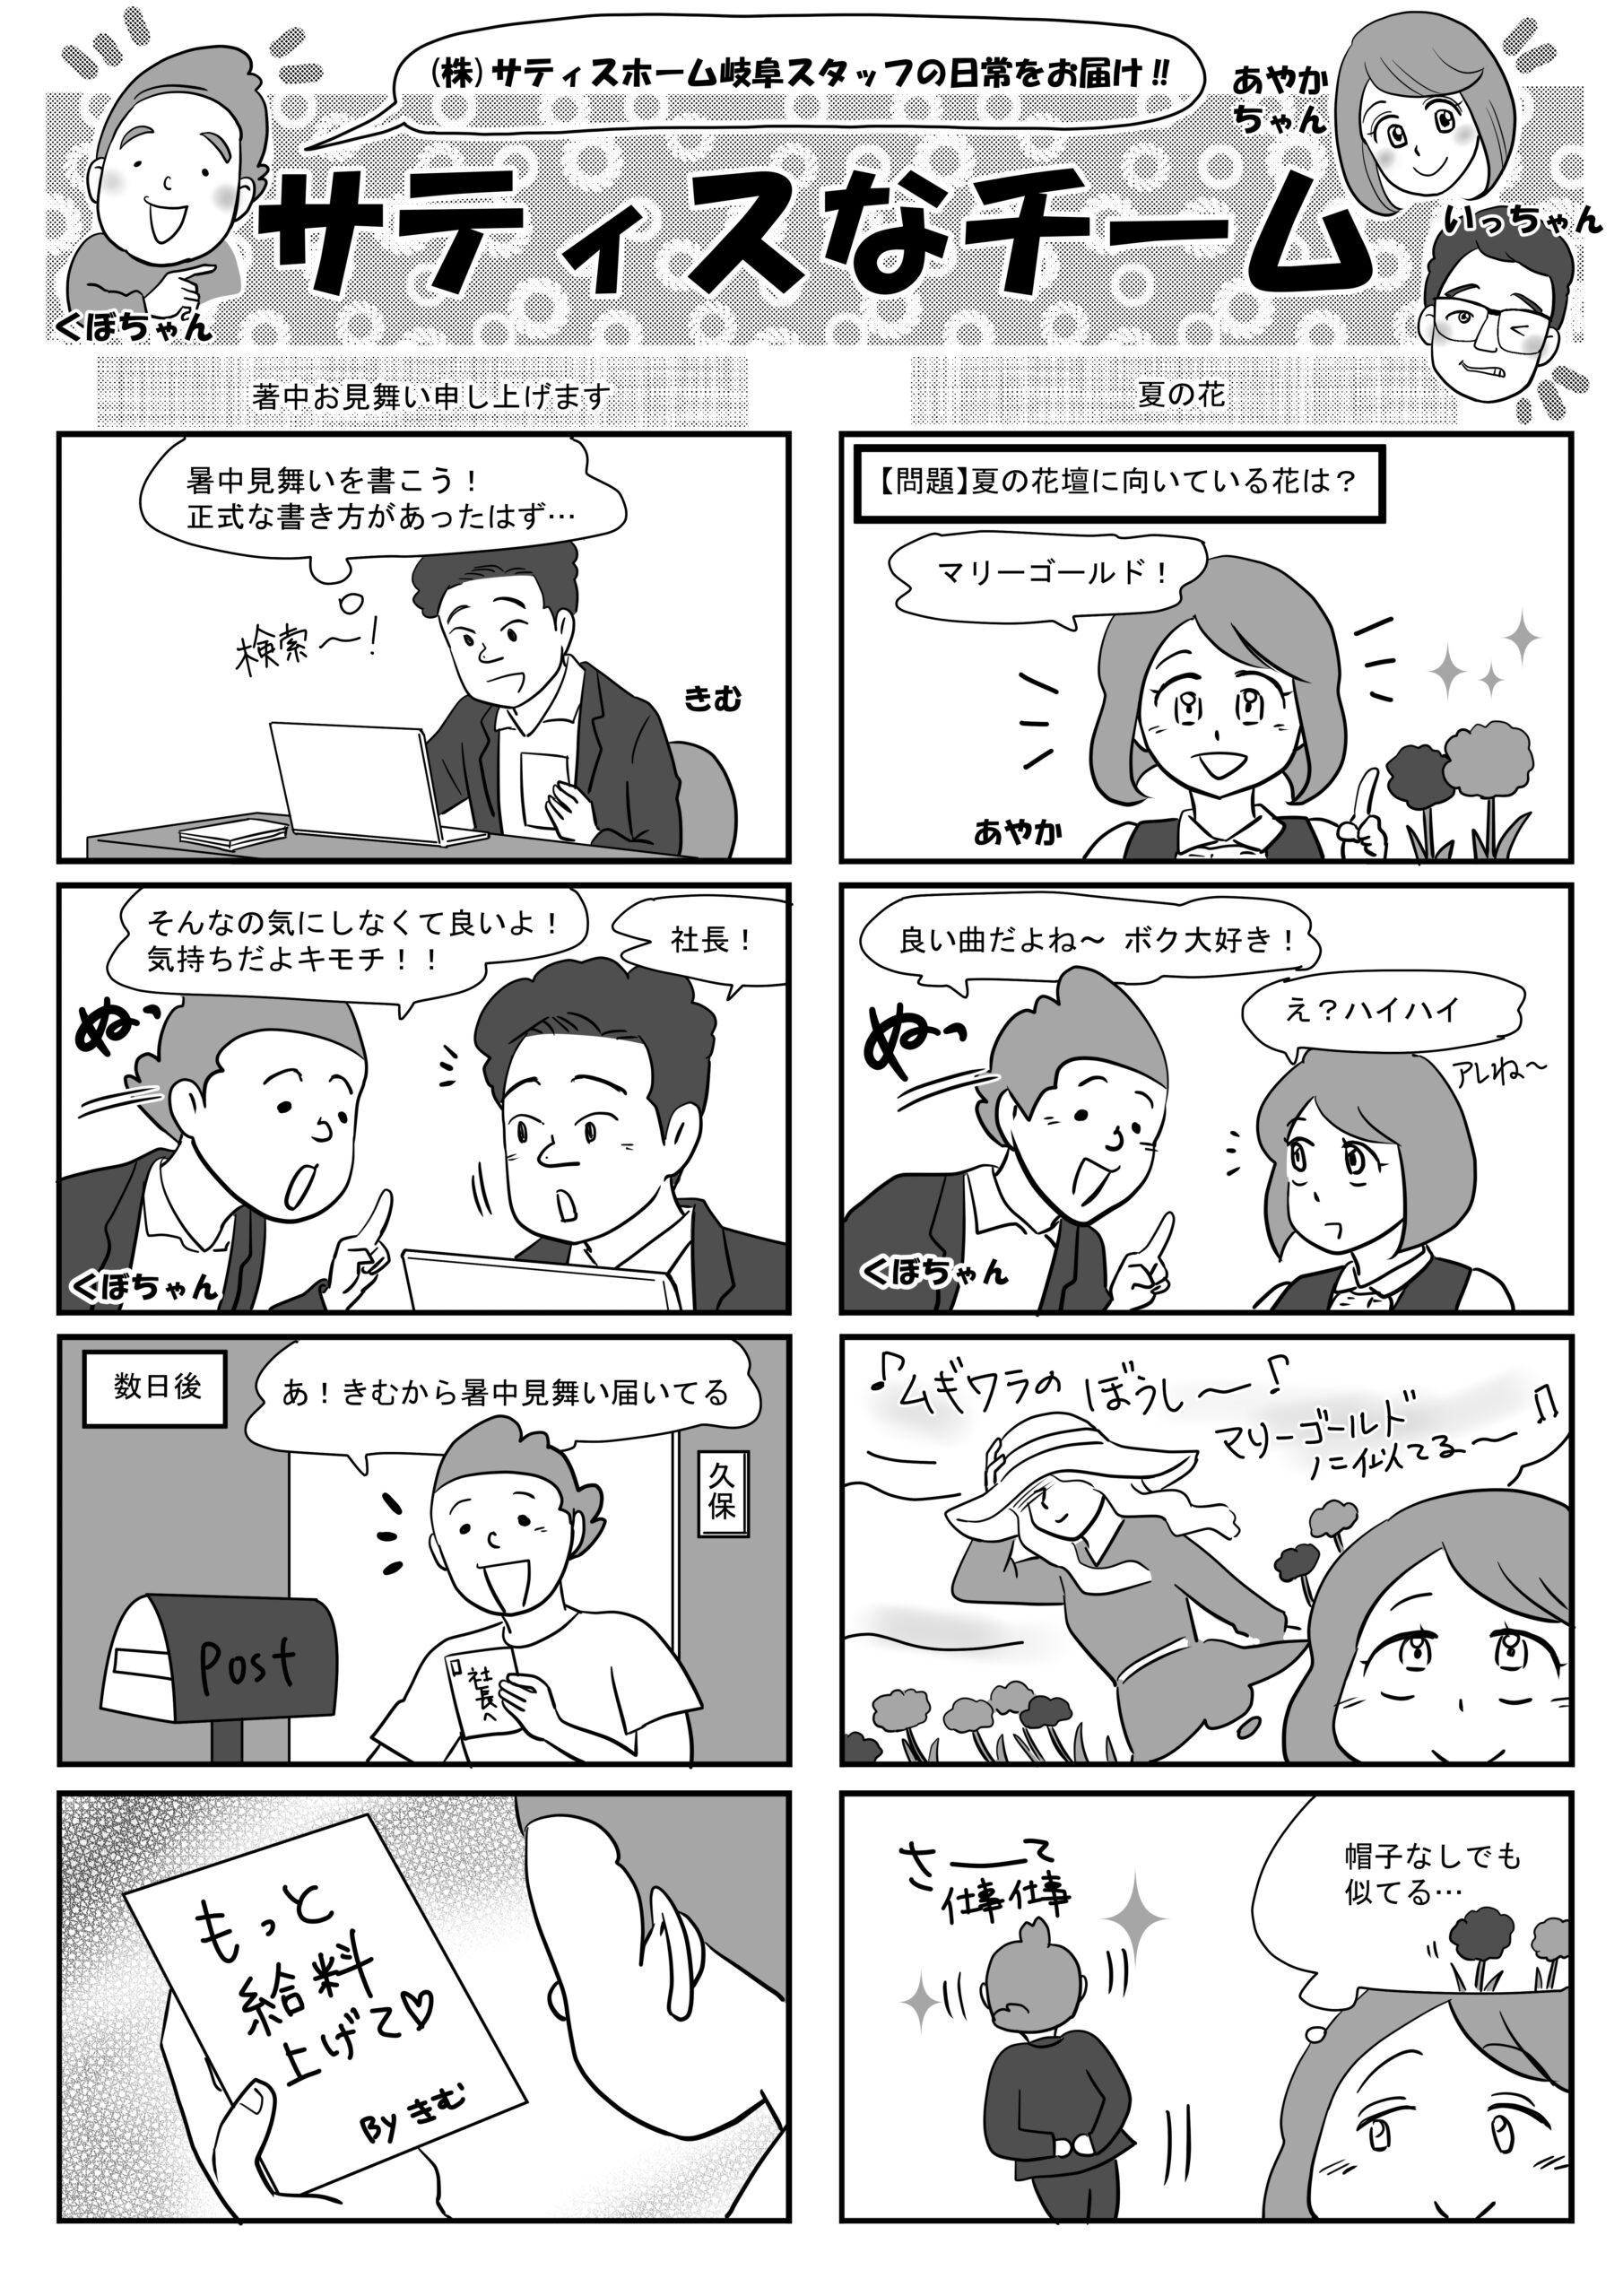 4コママンガ連載中!/(株)サティスホールディングスグループ様発行冊子【家づくりワンダフル!7月号】